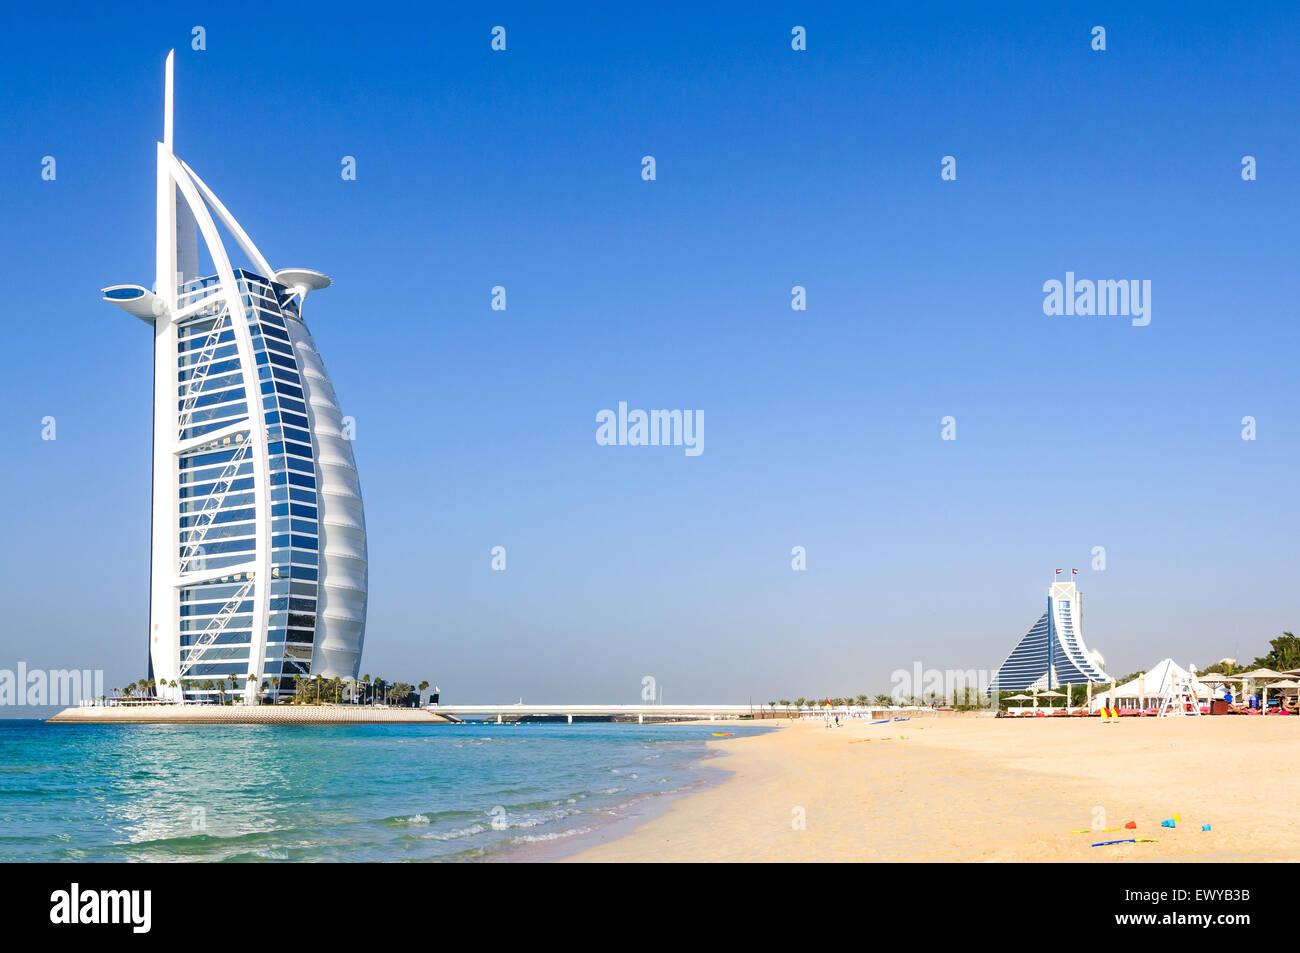 Dubai, Emiratos Árabes Unidos - Enero 08, 2012: Ver el Burj Al Arab, el hotel de la playa de Jumeirah. El Burj Imagen De Stock